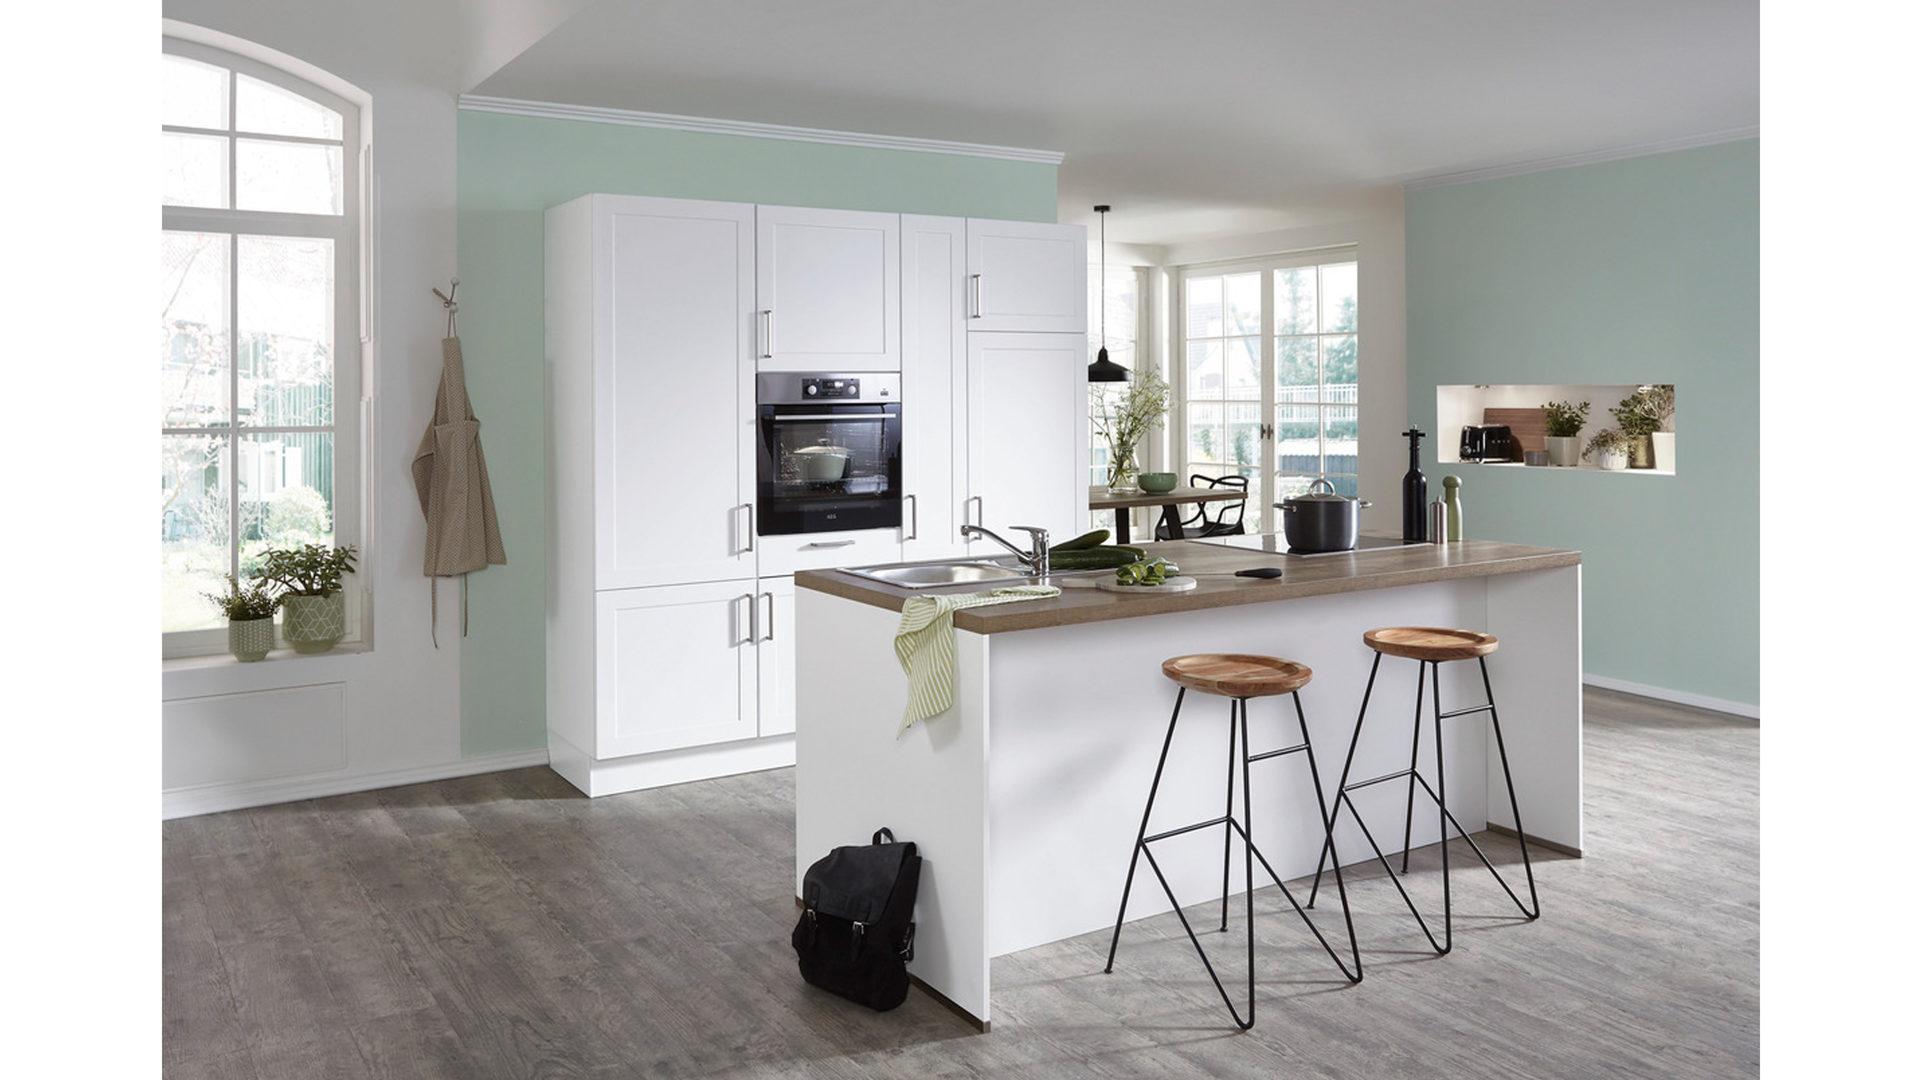 Möbel Boer Coesfeld | Möbel A-Z | Küchen | Einbauküche mit AEG ...